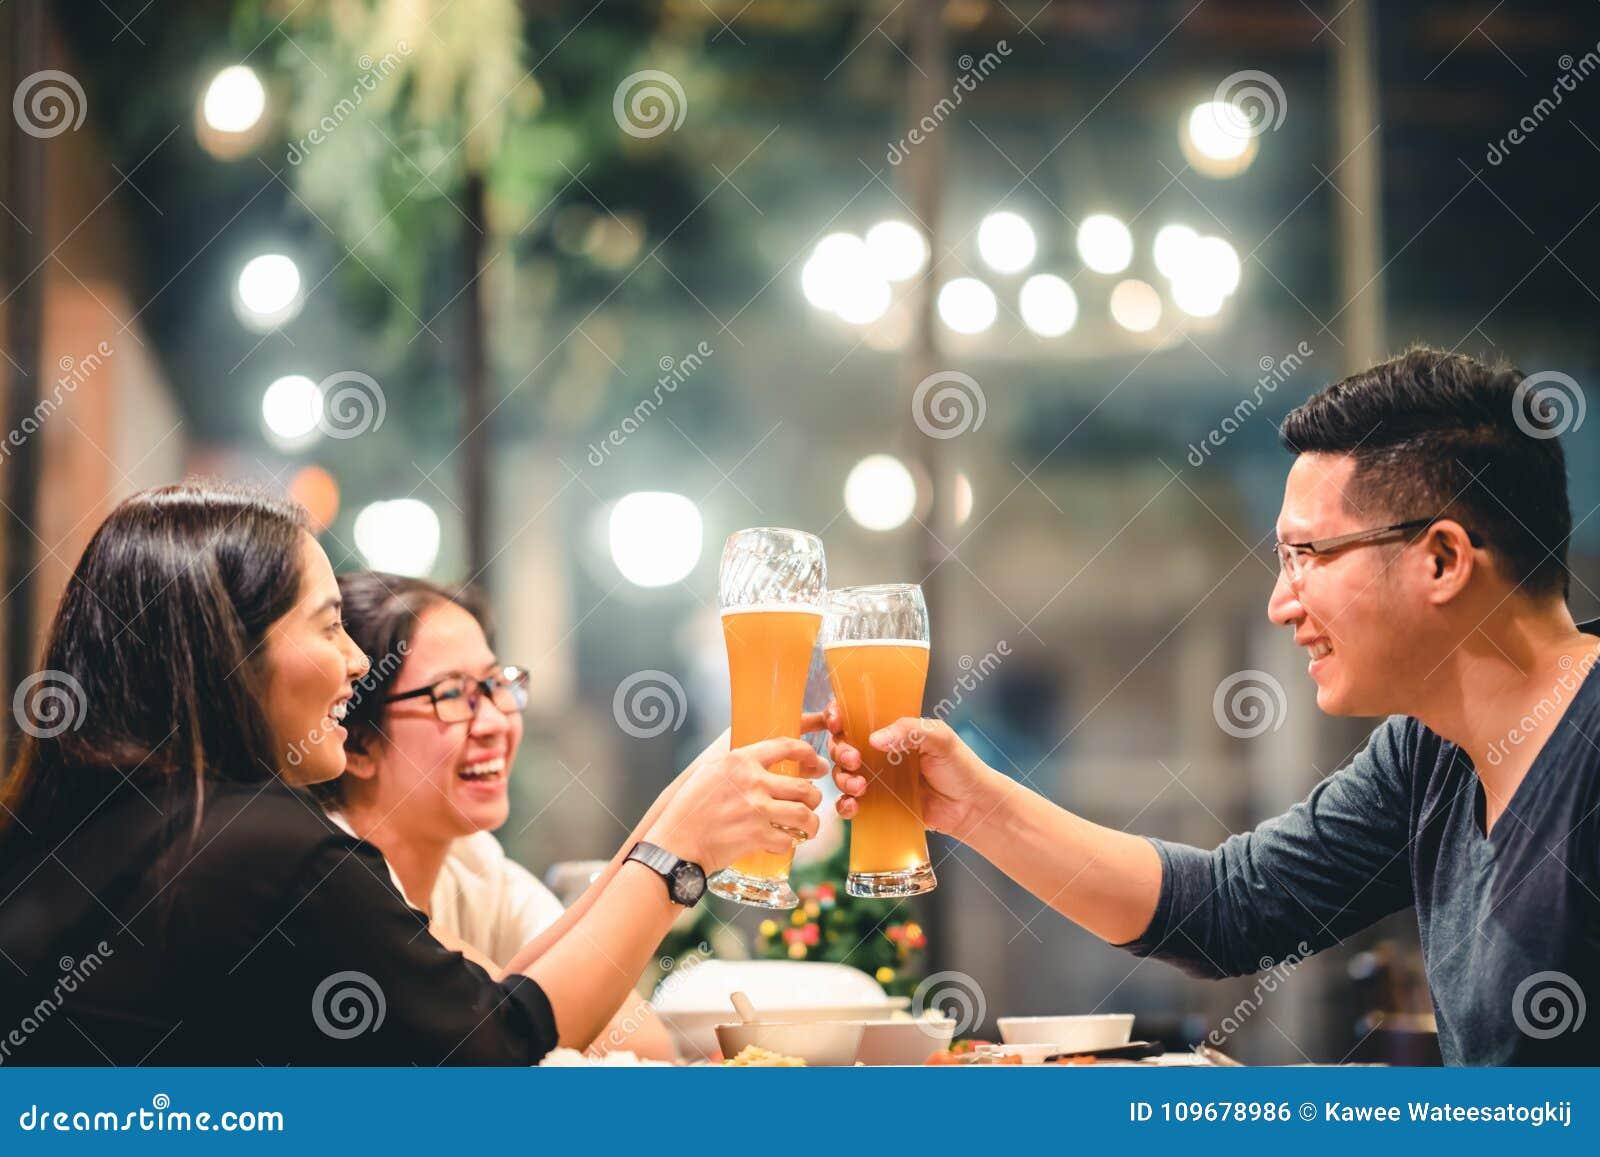 Amigos o compañeros de trabajo asiáticos que animan con la cerveza, celebrando junto en el restaurante o el club de noche Gente j